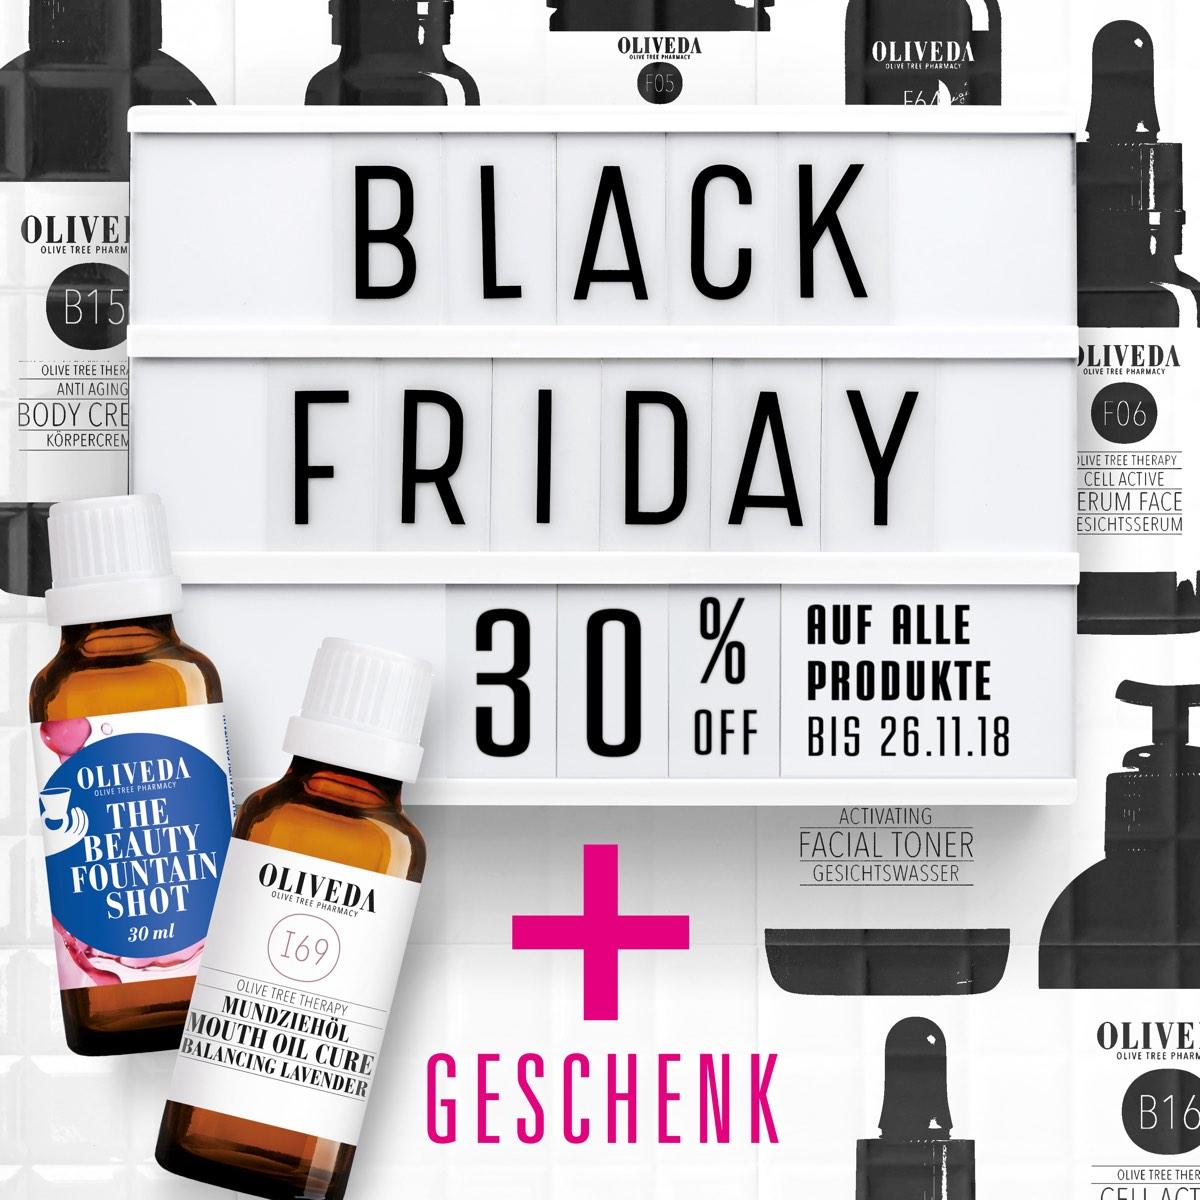 Auch bei Oliveda wird am Black Friday gespart: vom 22.-26.11.2018 gibt es 30% auf alles mit dem Code BLACKTANTE30.